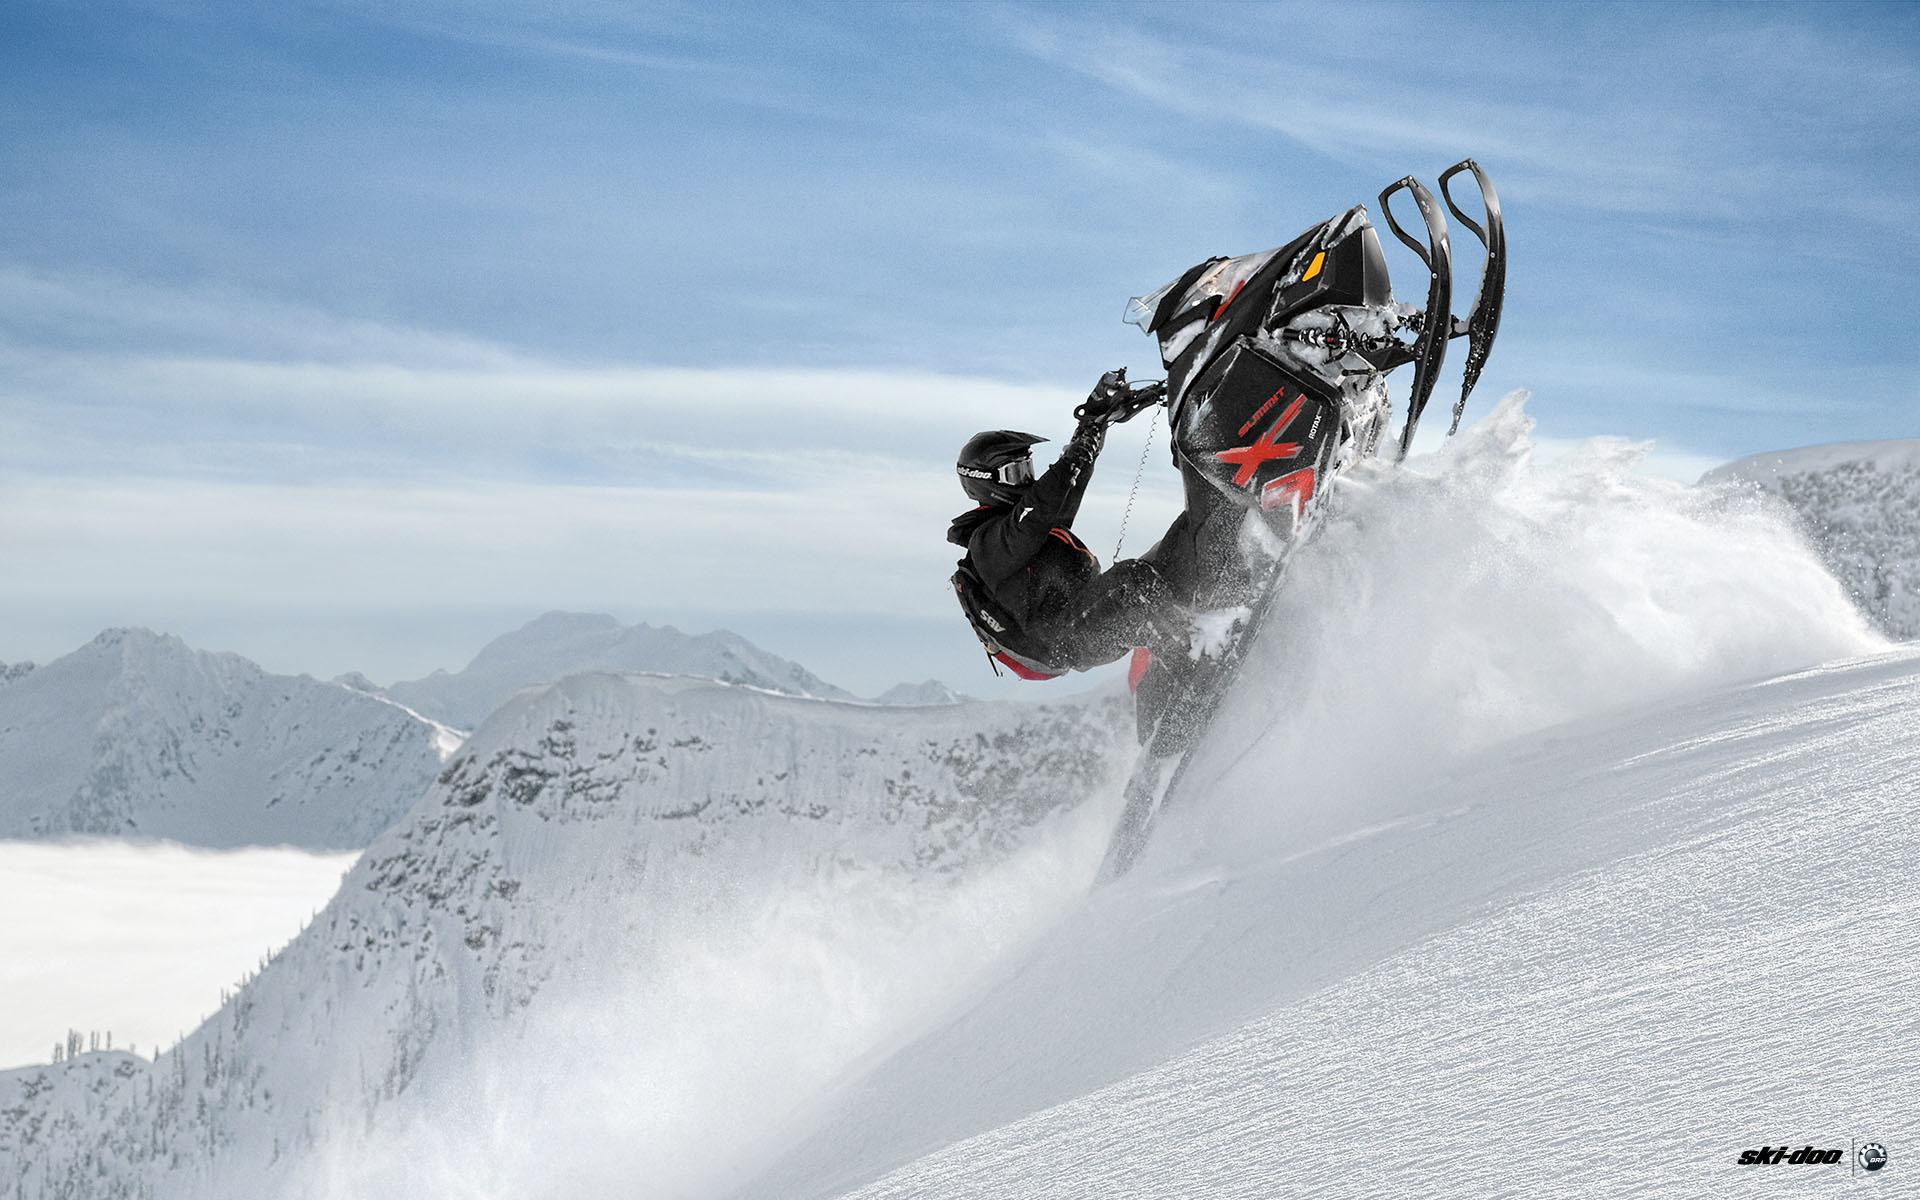 Galerie Snn sktry Ski Doo Sportovn Snowmobiles 1920x1200